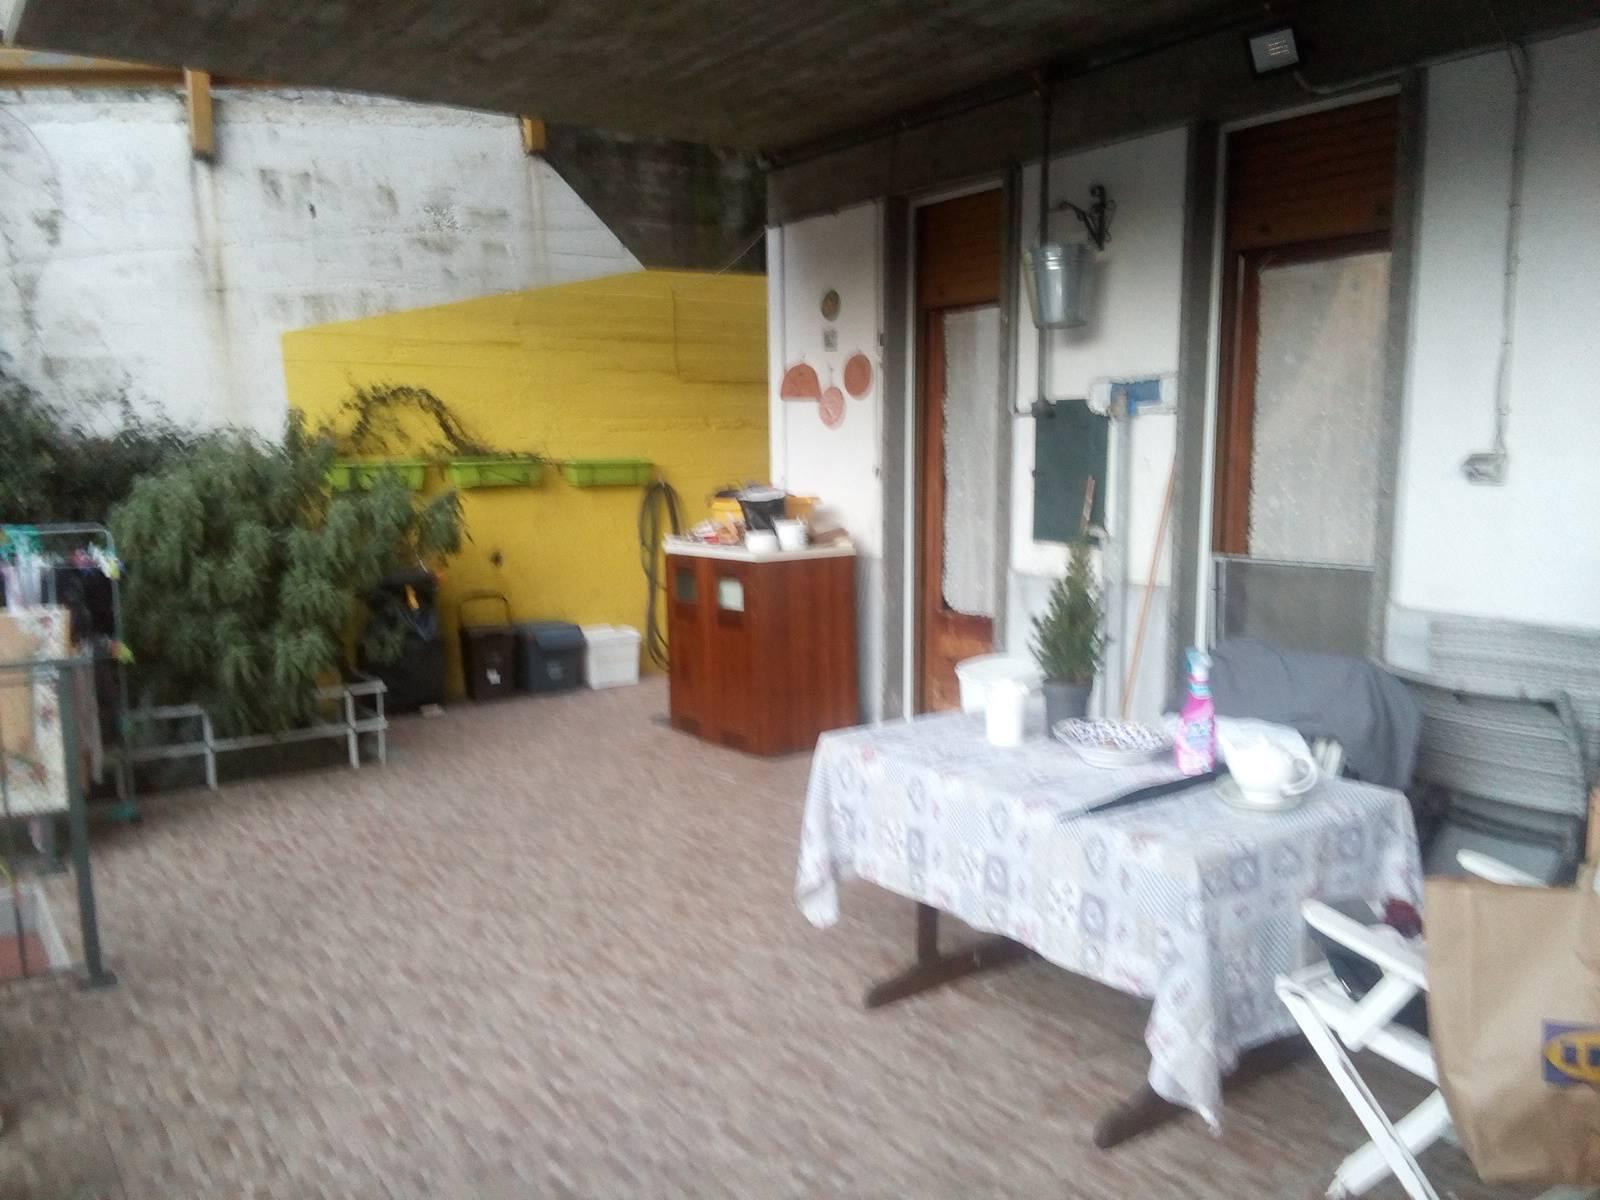 Appartamento in vendita a La Spezia, 4 locali, zona itermi, prezzo € 220.000 | PortaleAgenzieImmobiliari.it